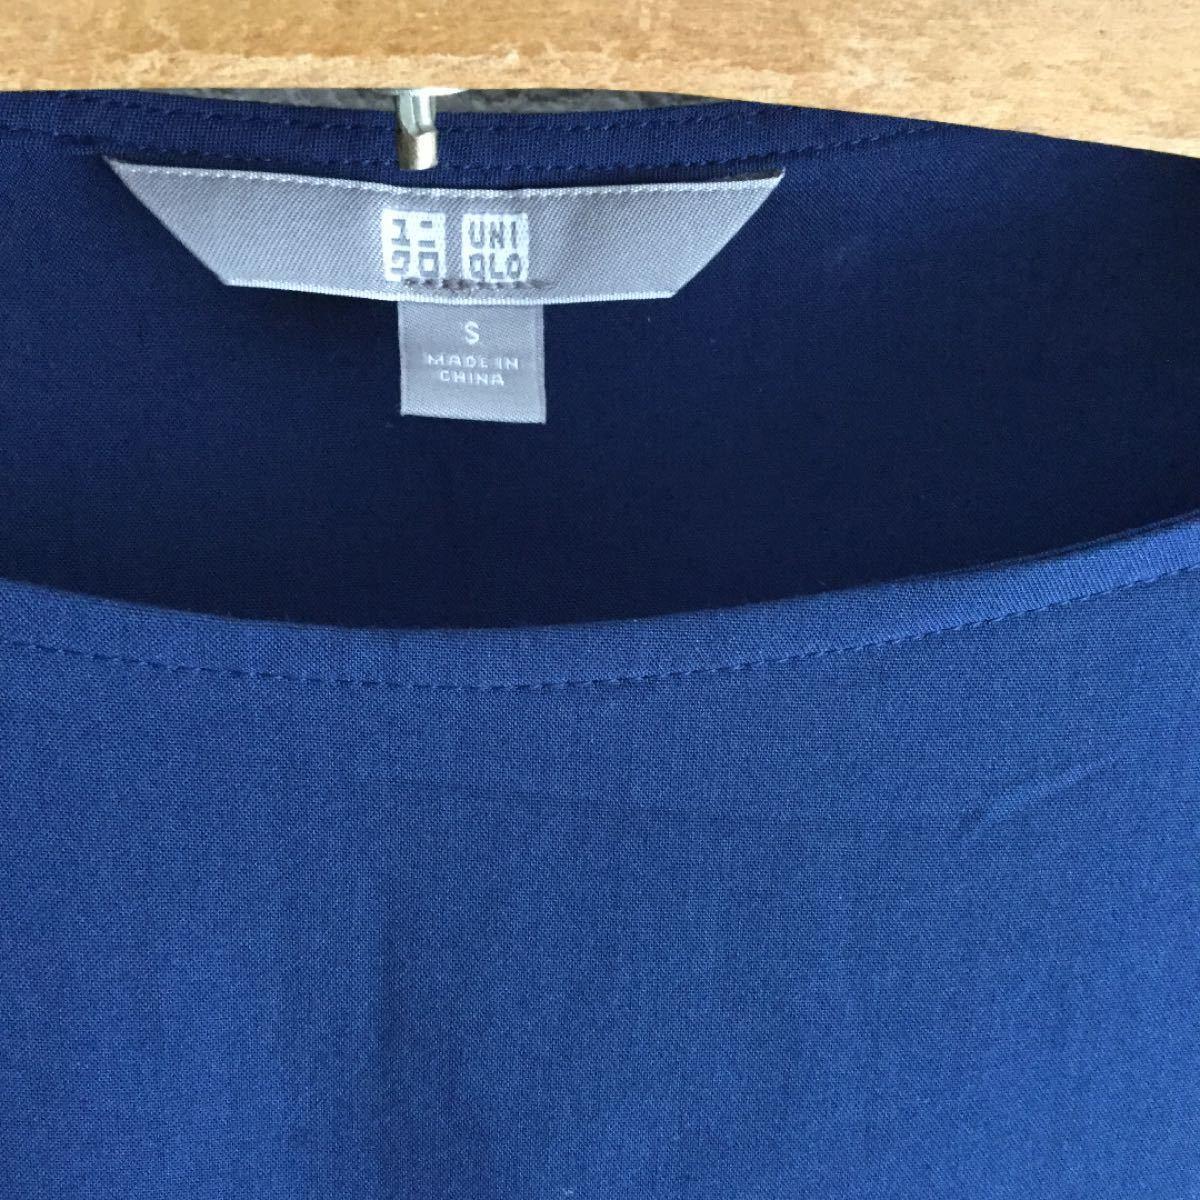 UNIQLO Tシャツ カットソー ネイビー